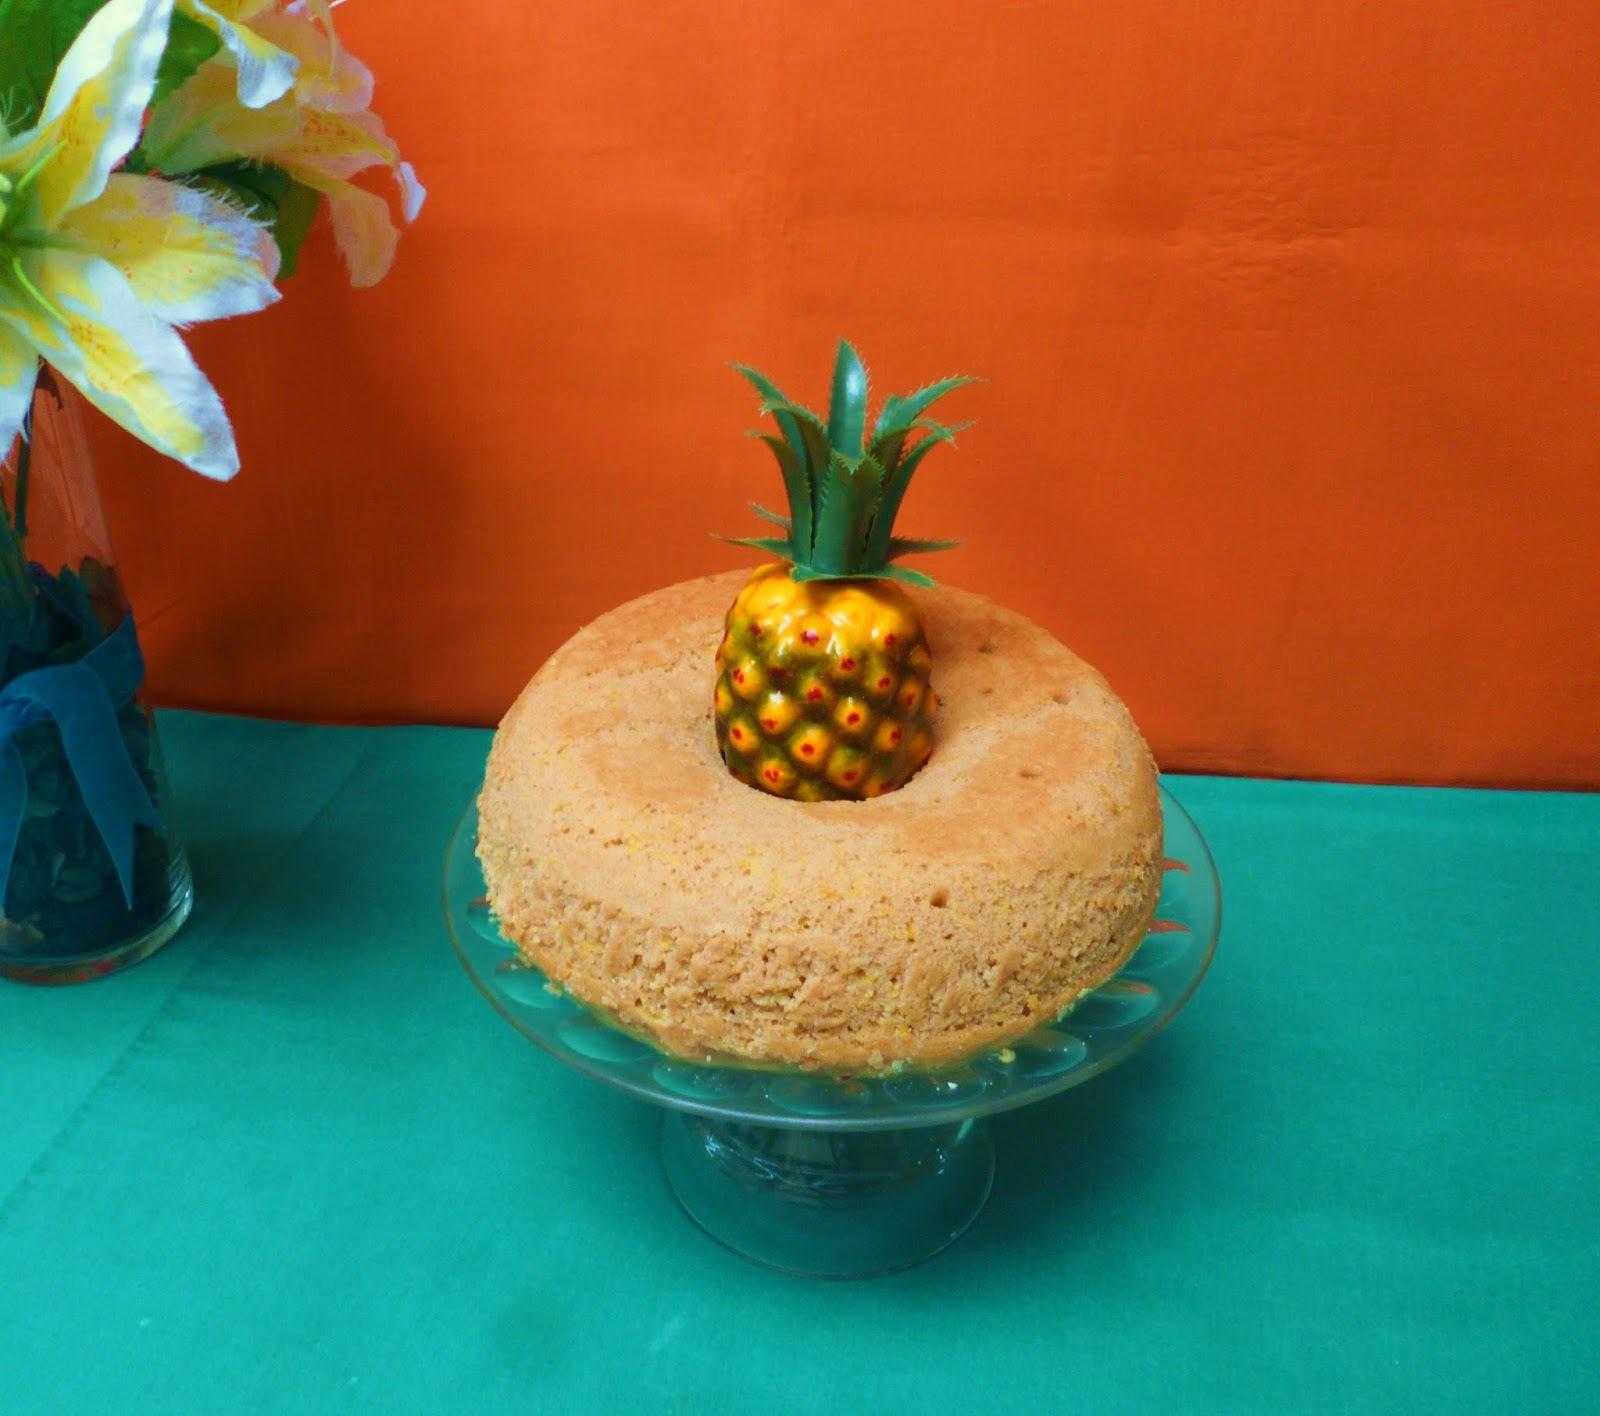 Queque con piña y naranja